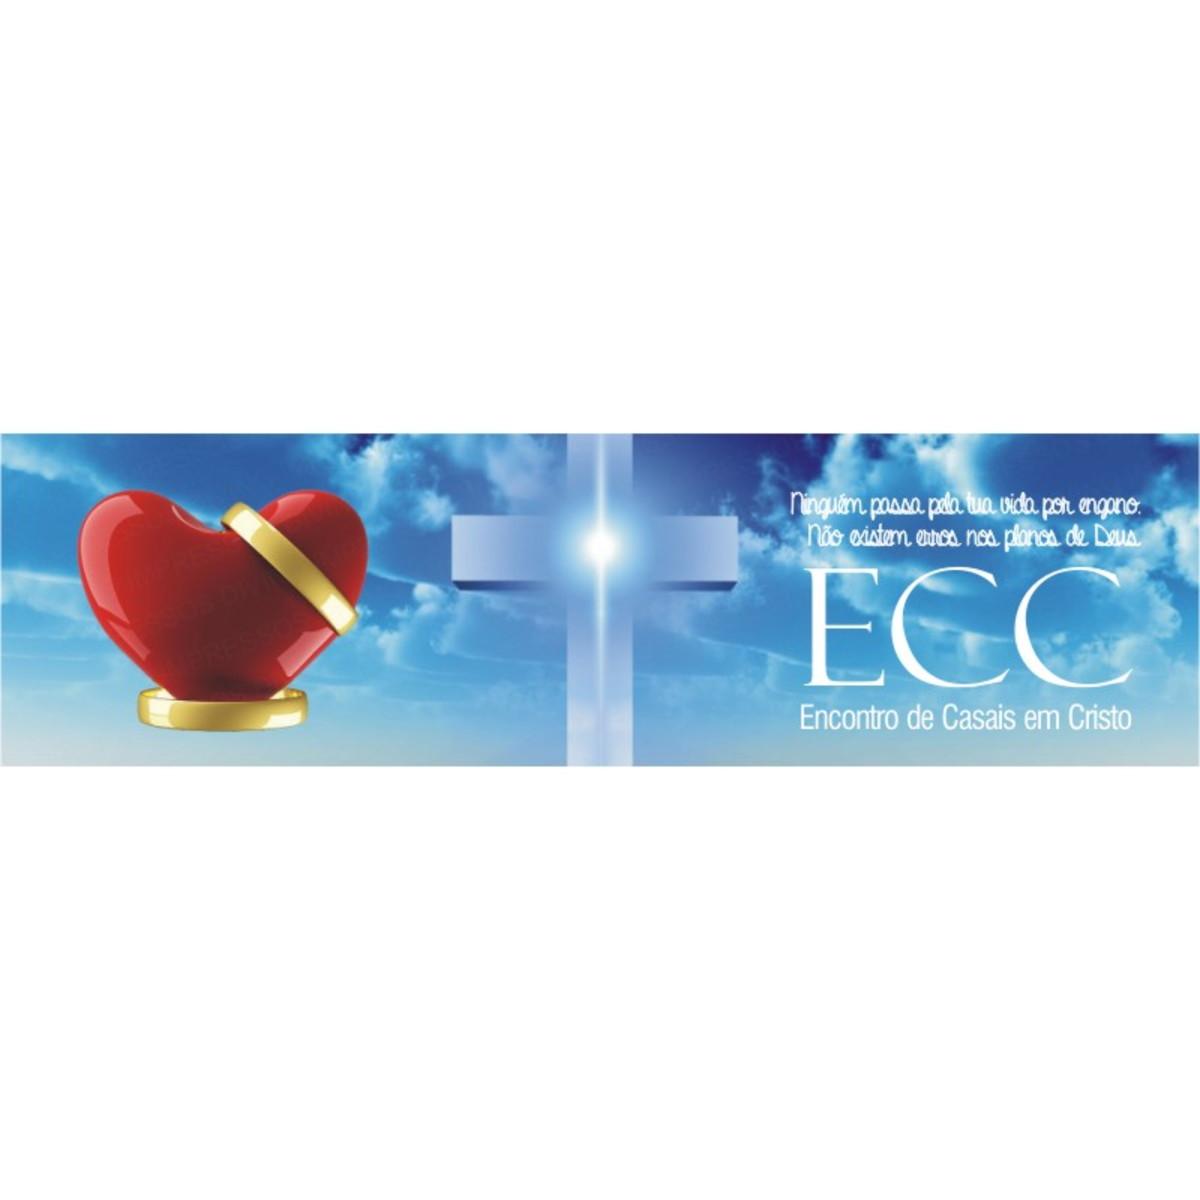 Marca Página Ecc Encontro De Casais Mod03 No Elo7 Divino